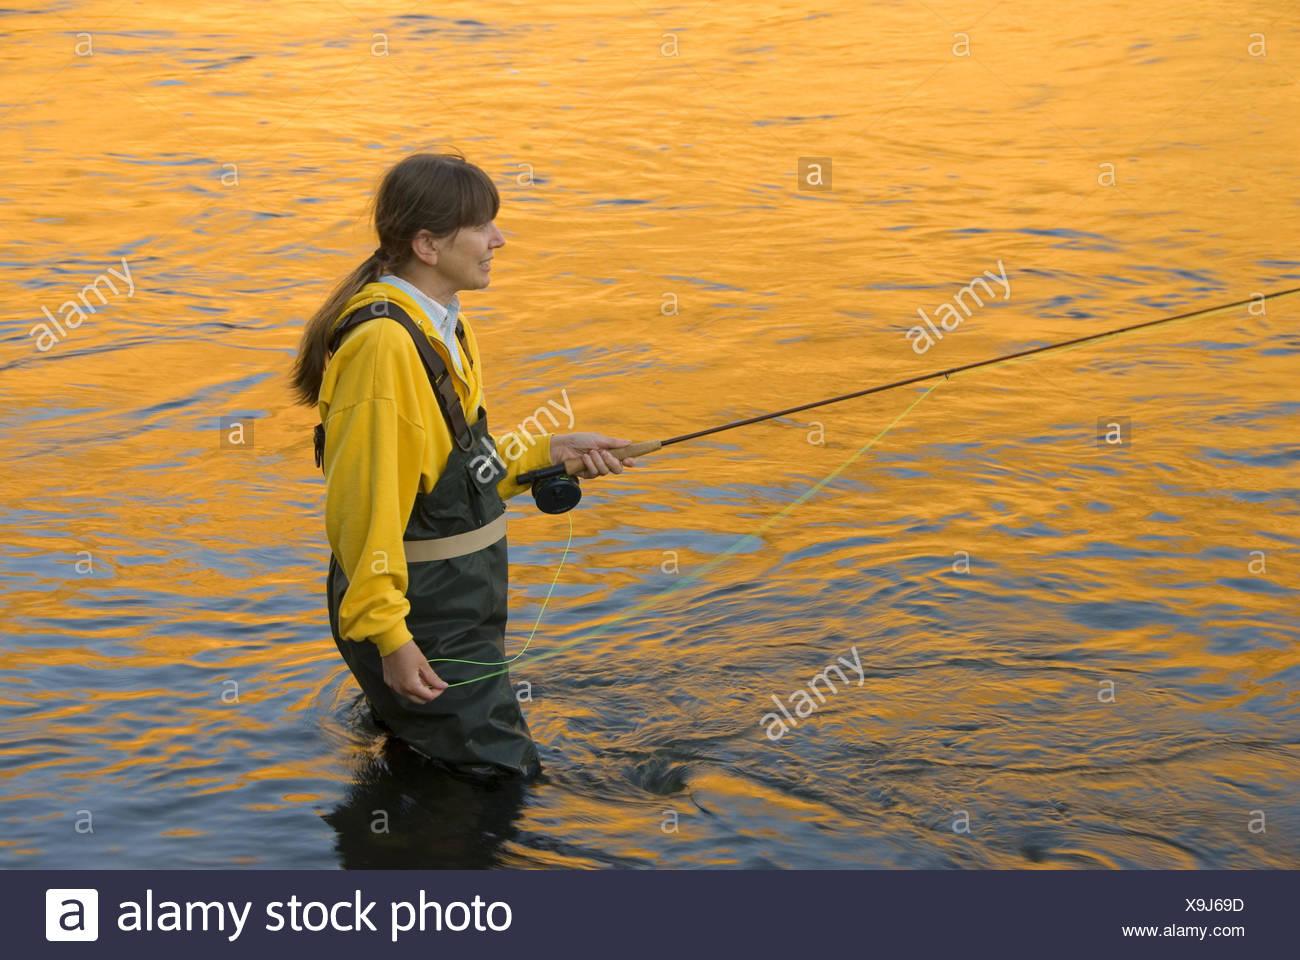 Flyfishing con resplandor, el río de Deschutes River State Park, el río de Deschutes silvestres y escénicos, Columbia River Gorge National Scenic Imagen De Stock